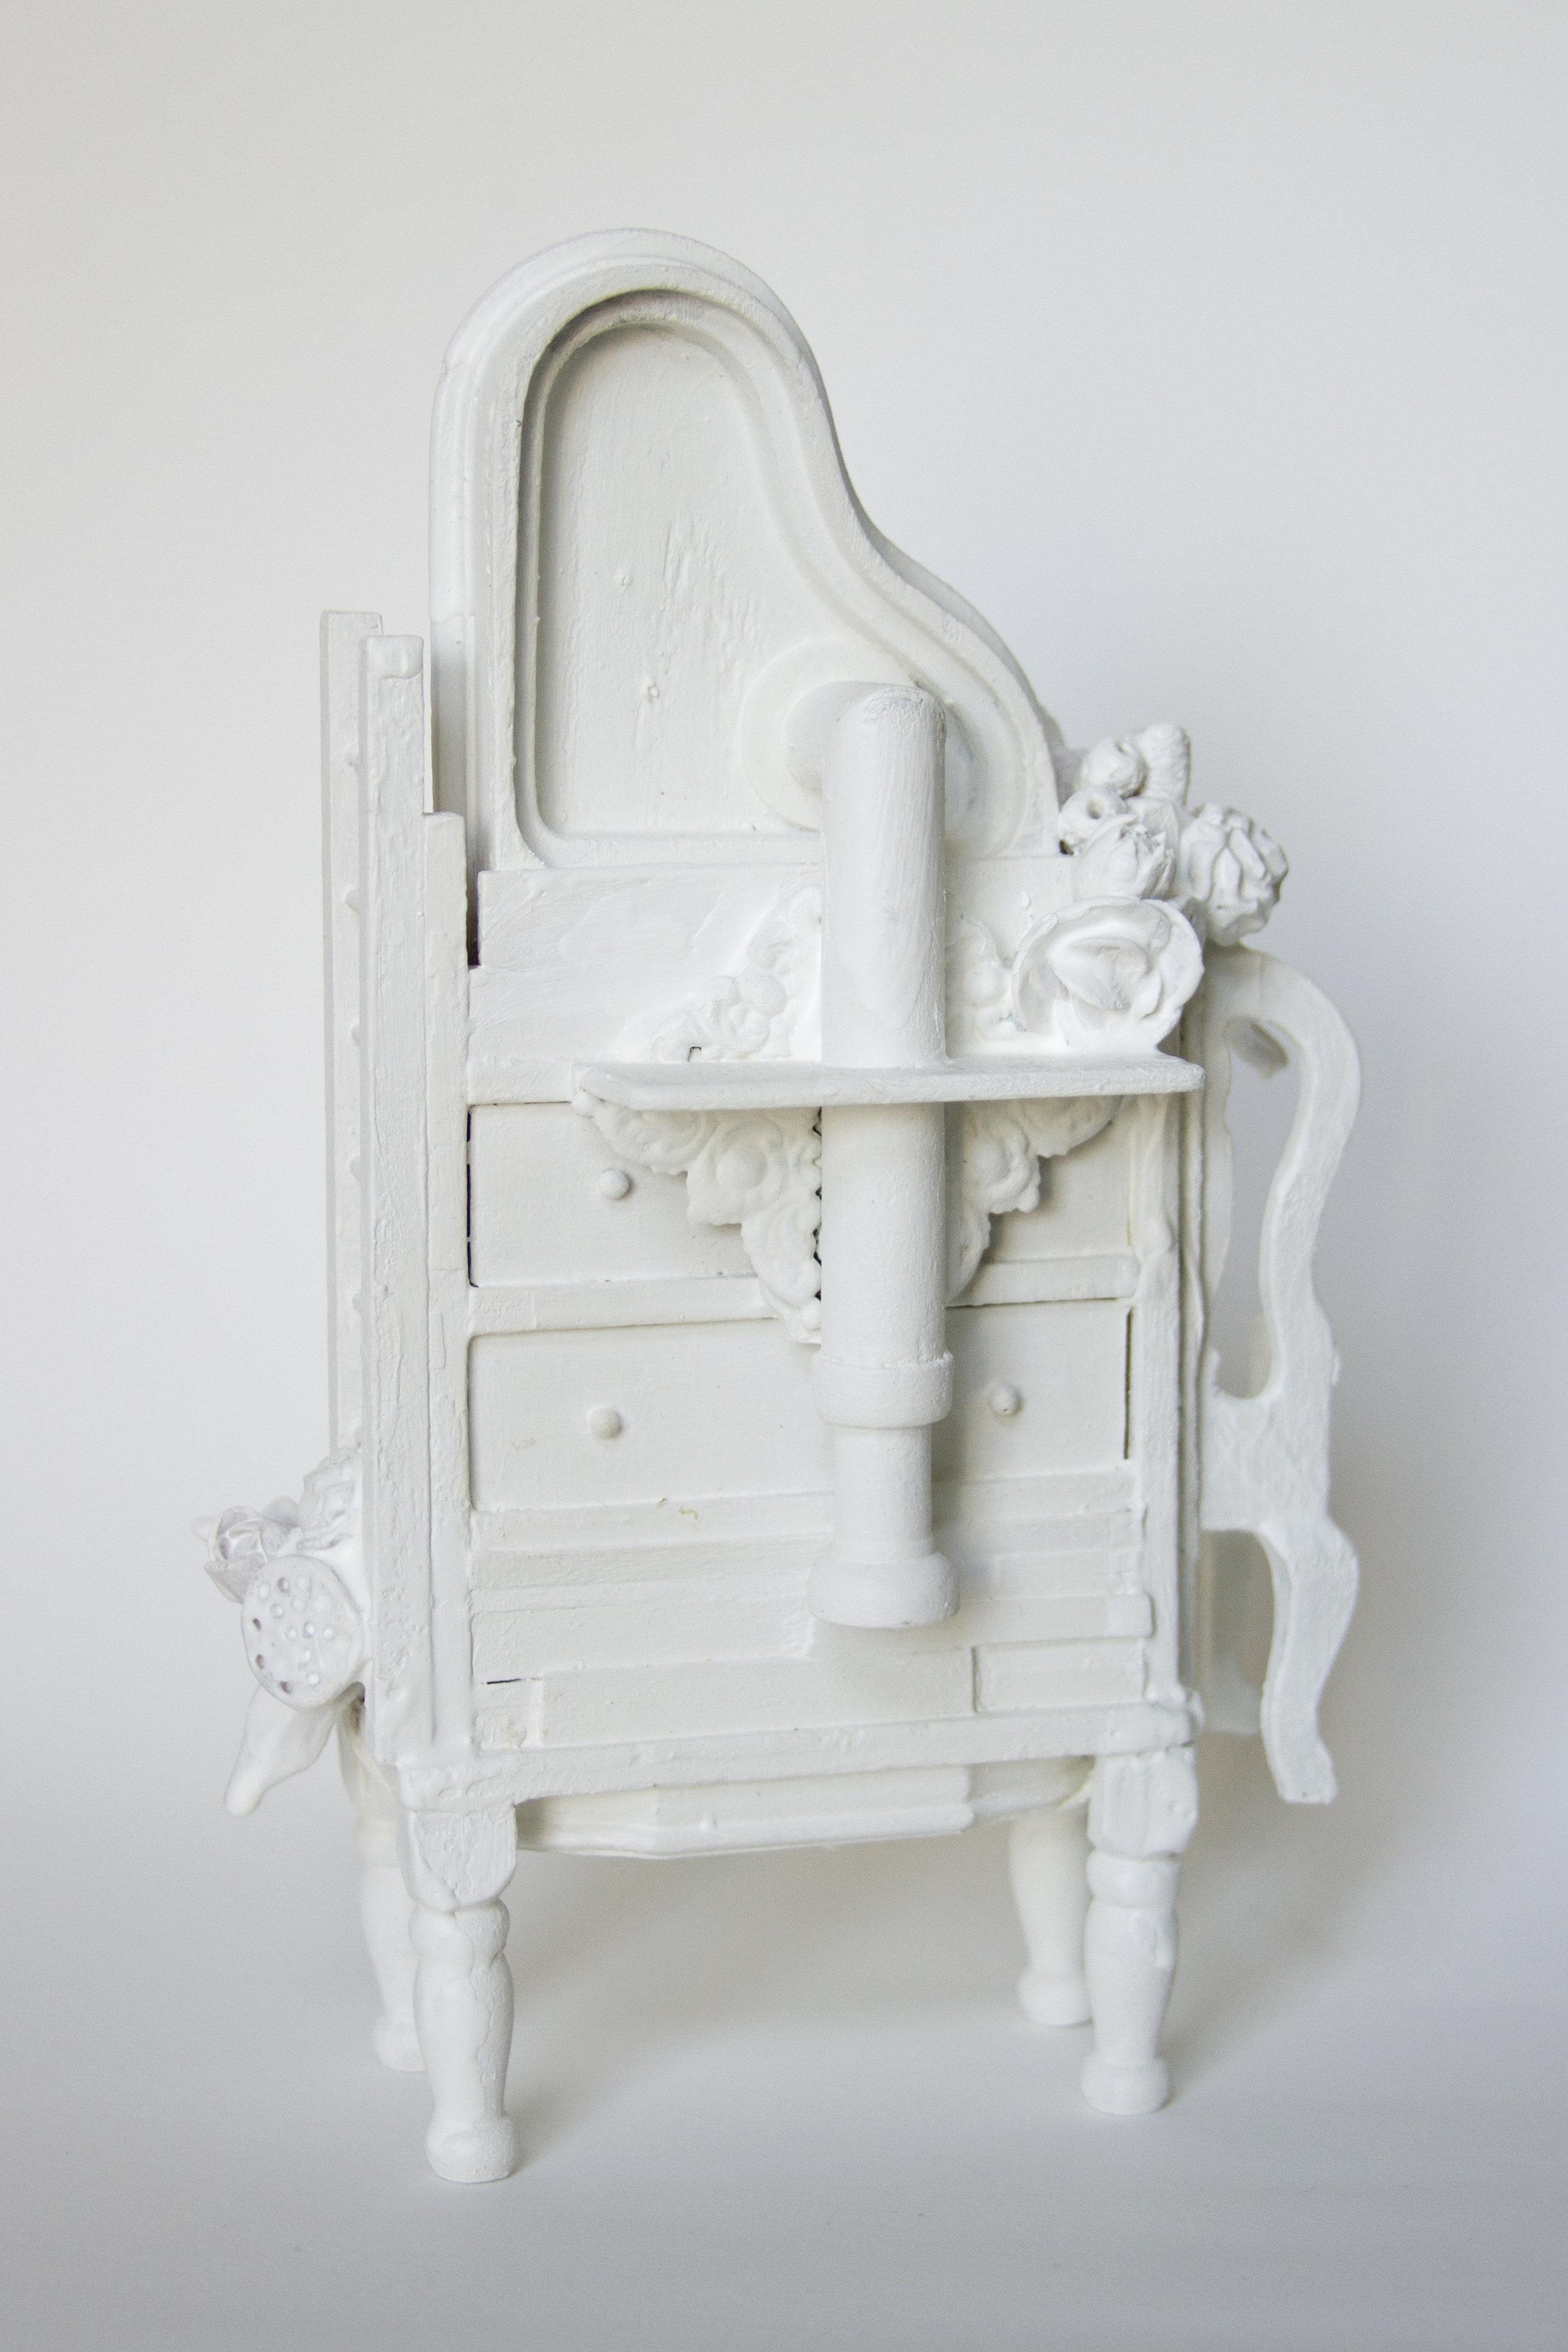 Flight of Fancy , sculpture by Chelsea Revelle